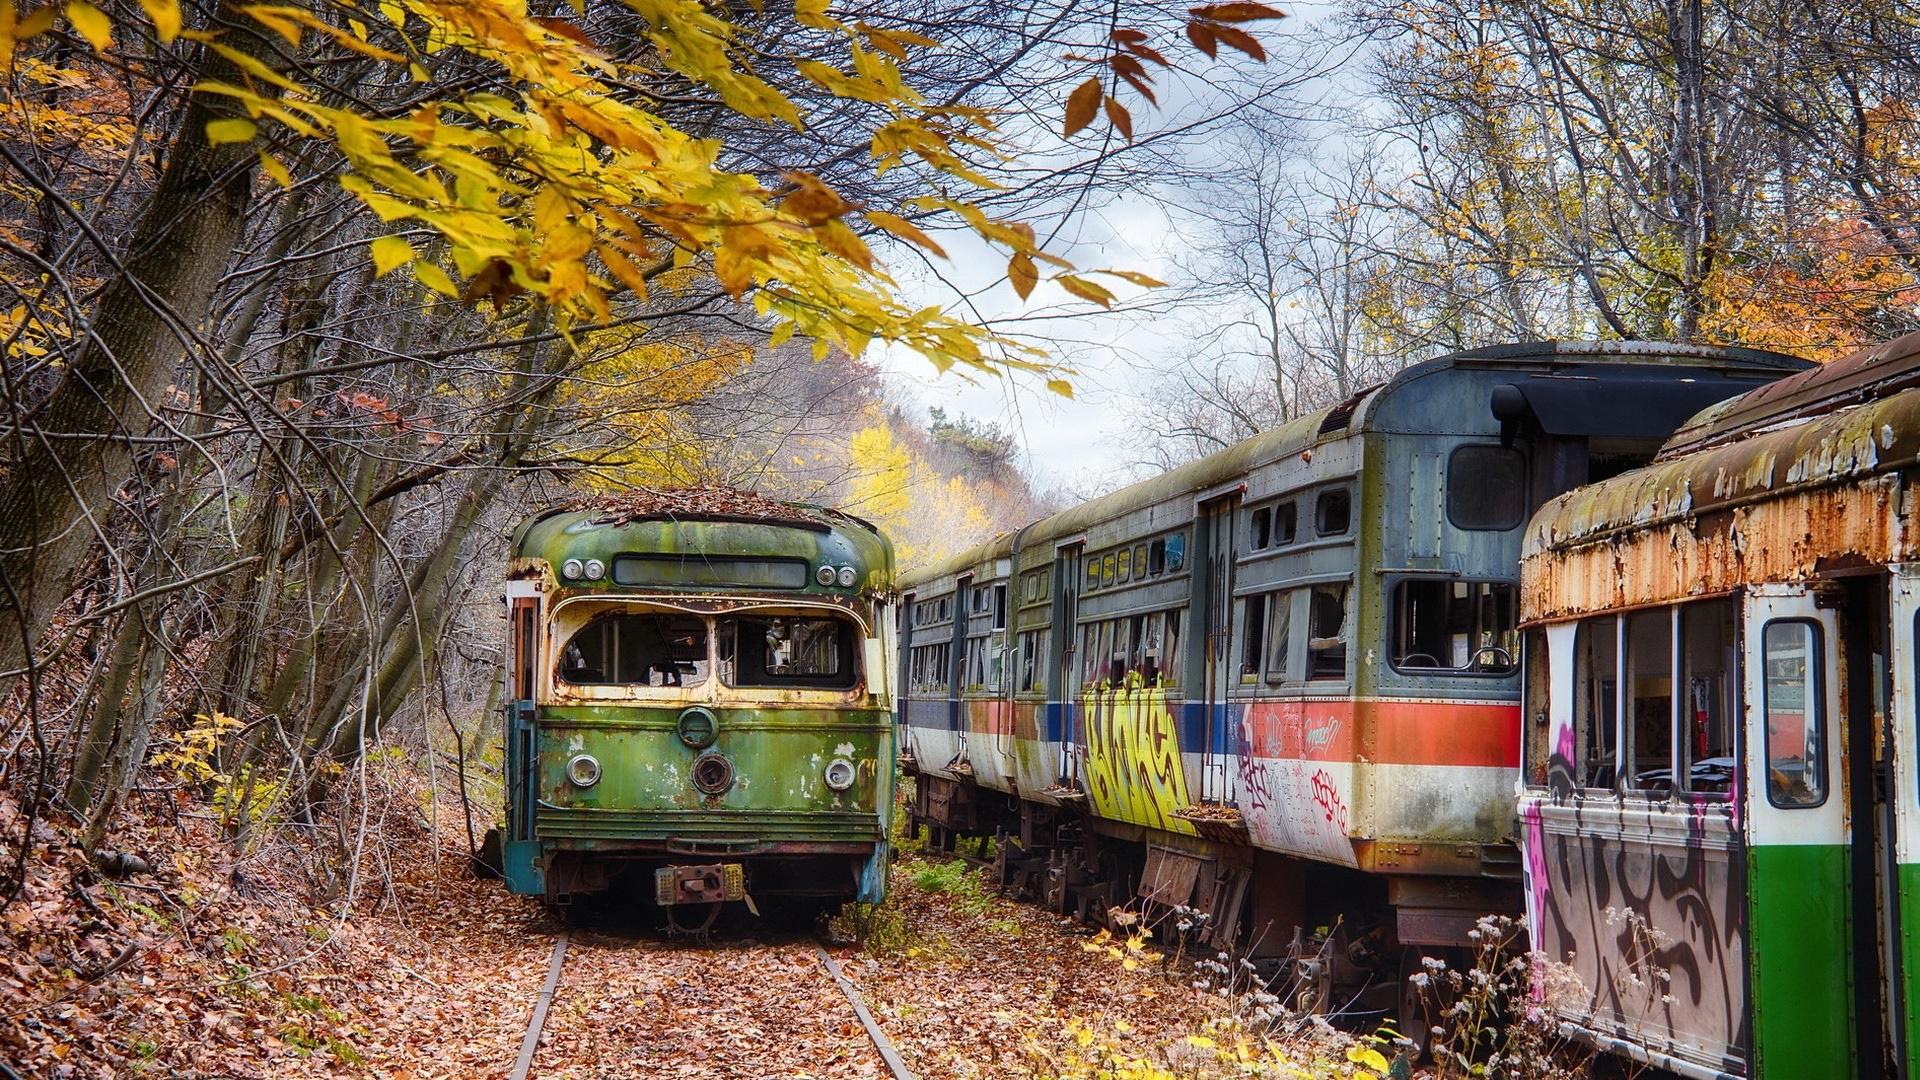 壁紙 放棄された鉄道駅 ペンシルベニア州 木 秋 19x1080 Full Hd 2k 無料のデスクトップの背景 画像